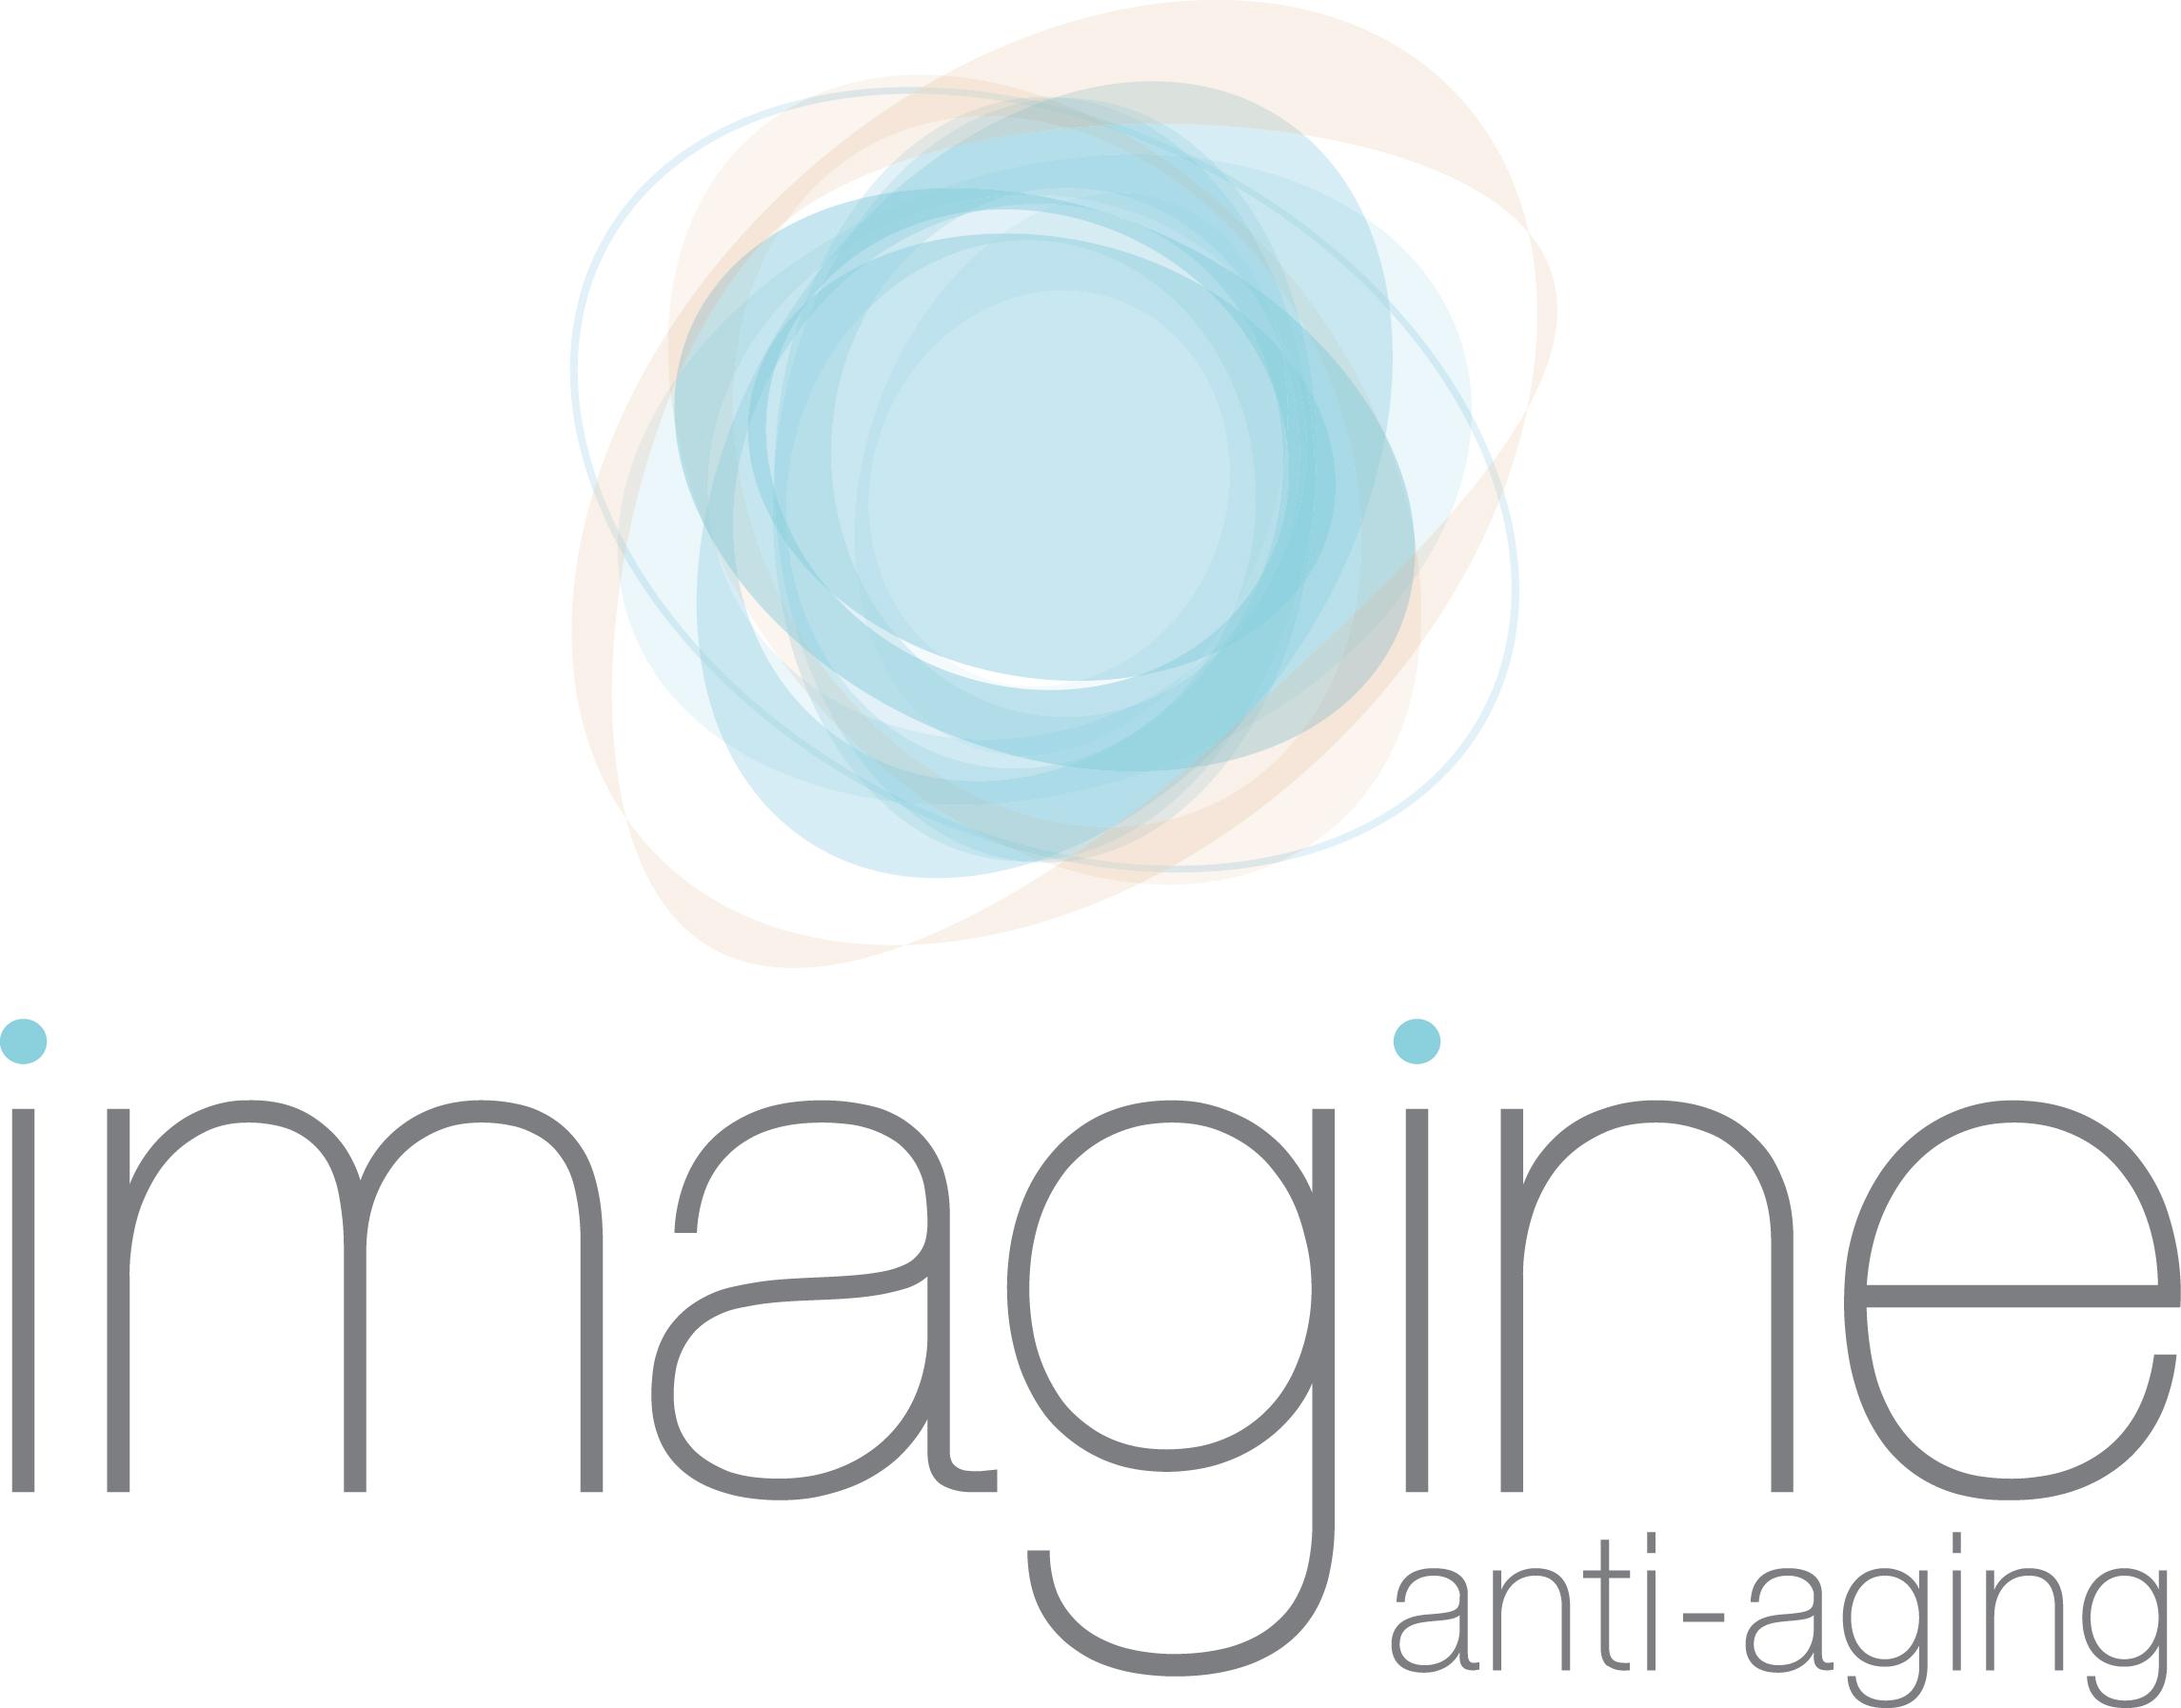 Imagine_logo.jpg